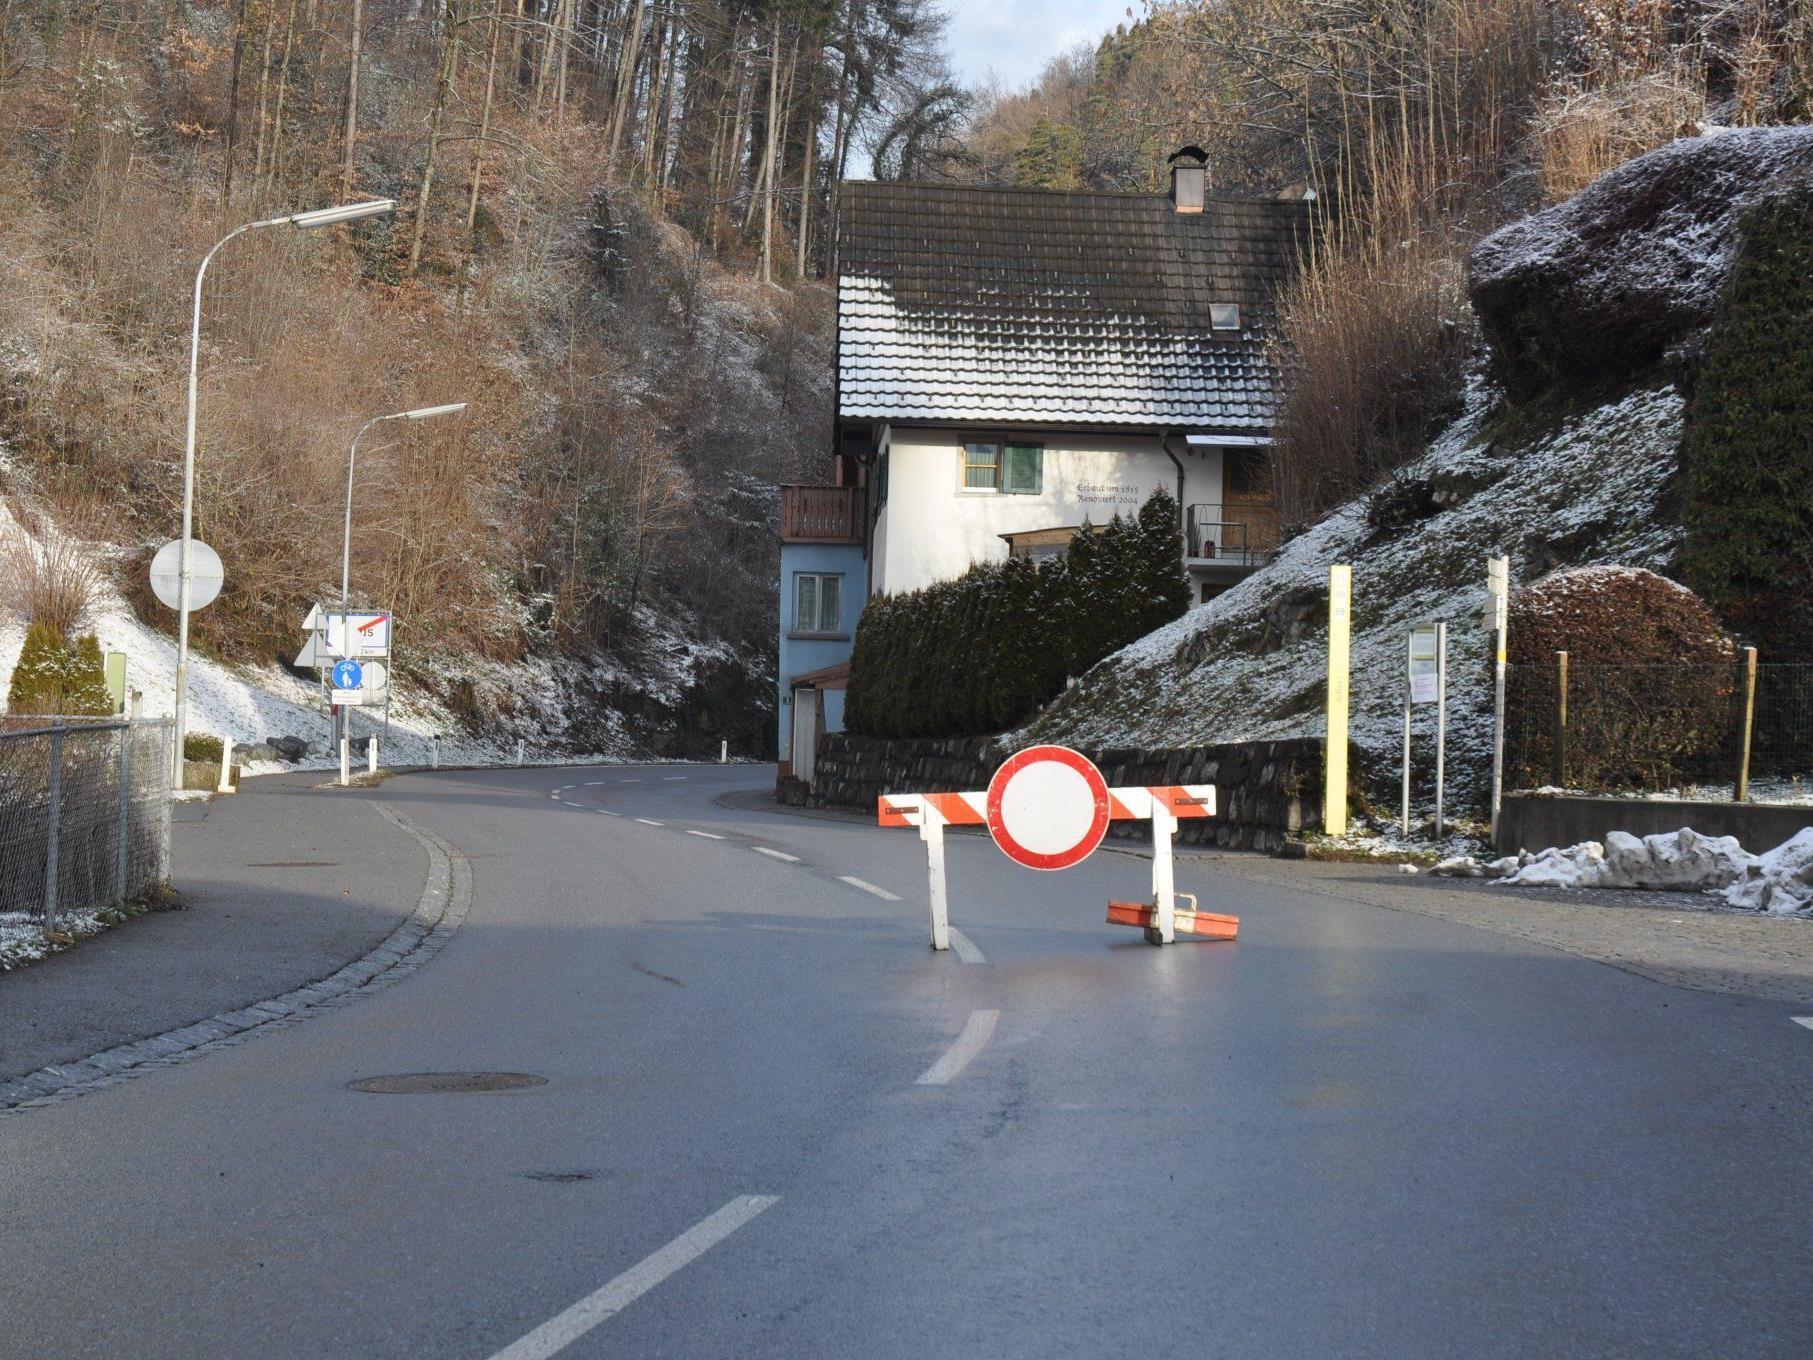 Die L 50 von Klaus nach Götzis ist tagsüber gesperrt.